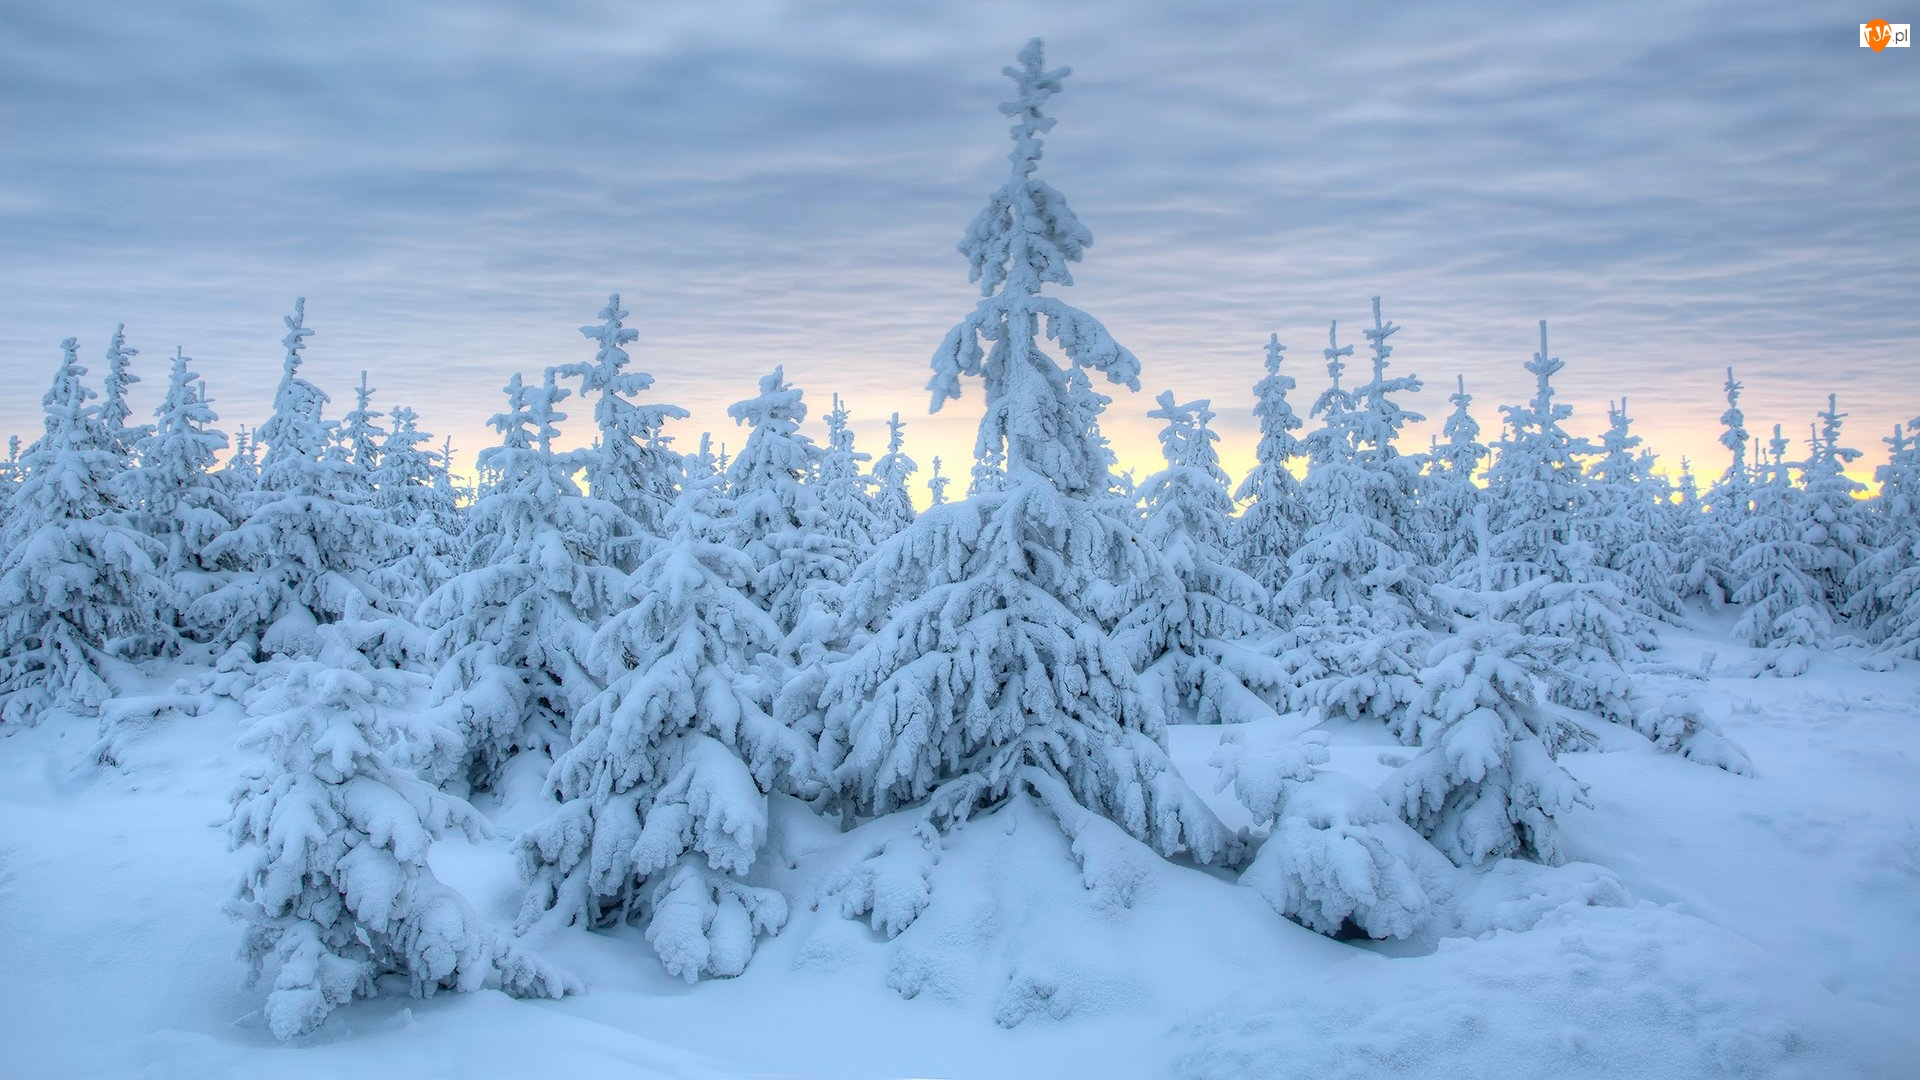 Śnieg, Zima, Ośnieżone, Chmury, Świerki, Drzewa